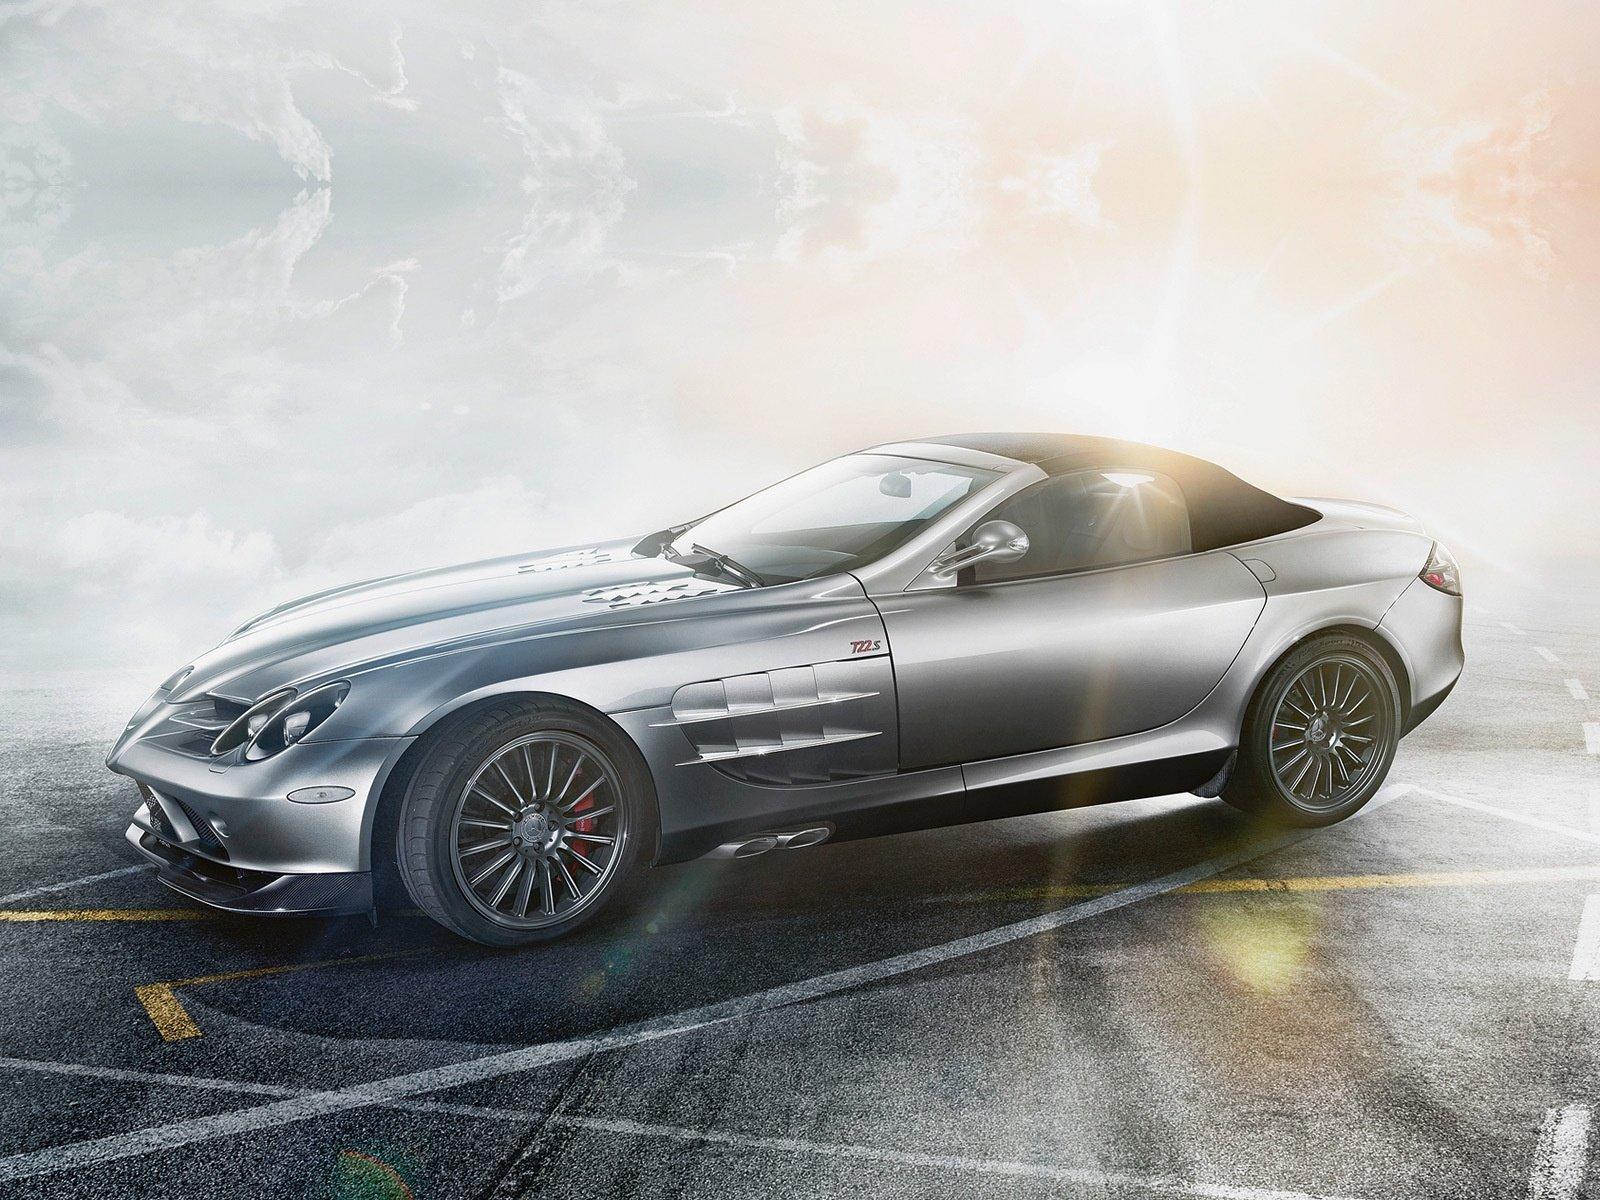 http://2.bp.blogspot.com/_P6ZEYtADopA/Swzug5rkupI/AAAAAAAAAK8/rXY_HVVPq2c/s1600/Mercedes-benz-slr-mclaren-wallpaper_1600x1200.jpg